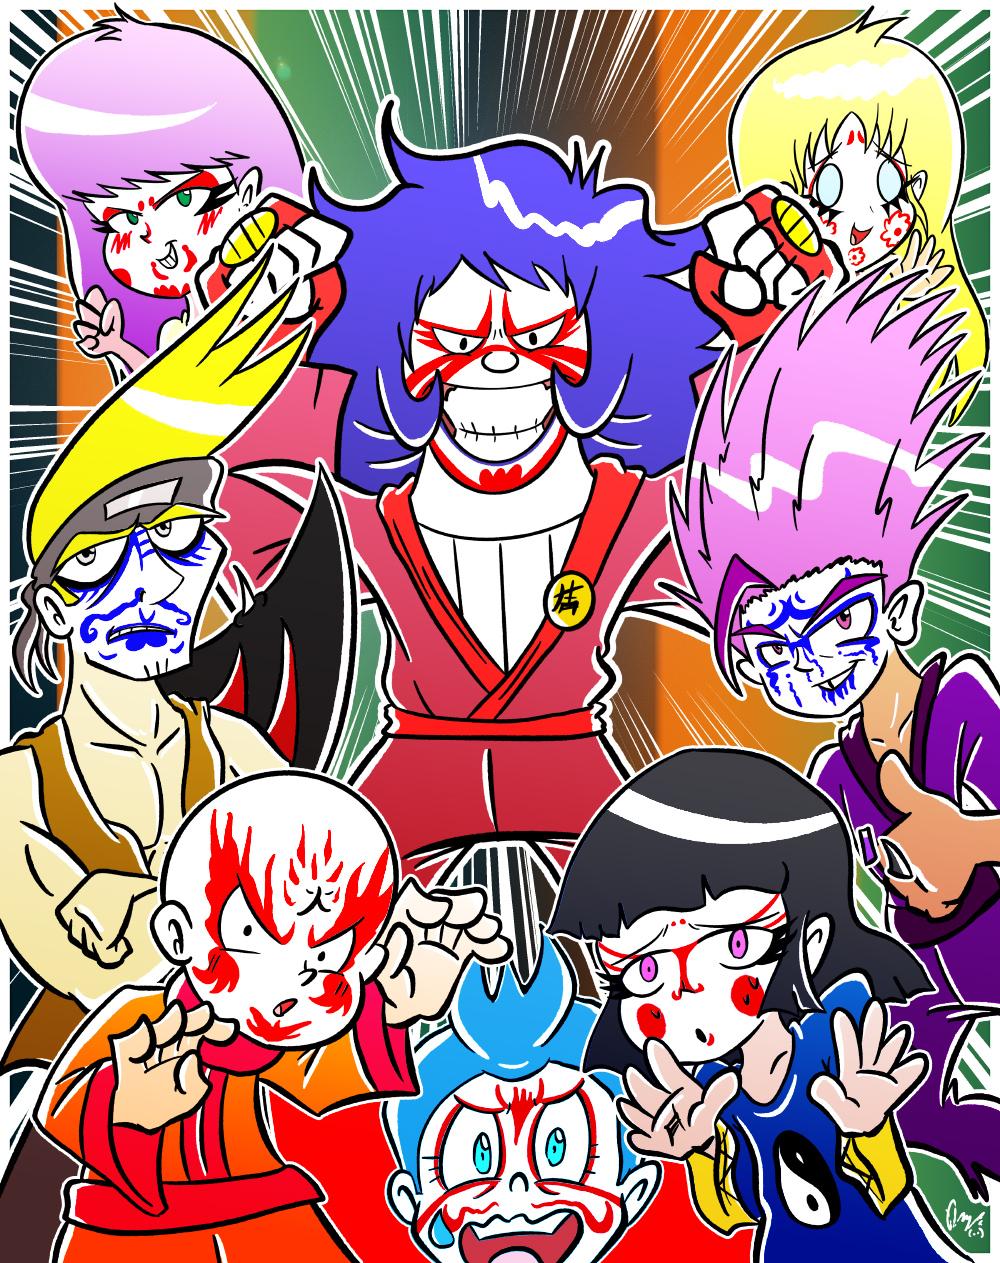 Kabuki_Facesplain